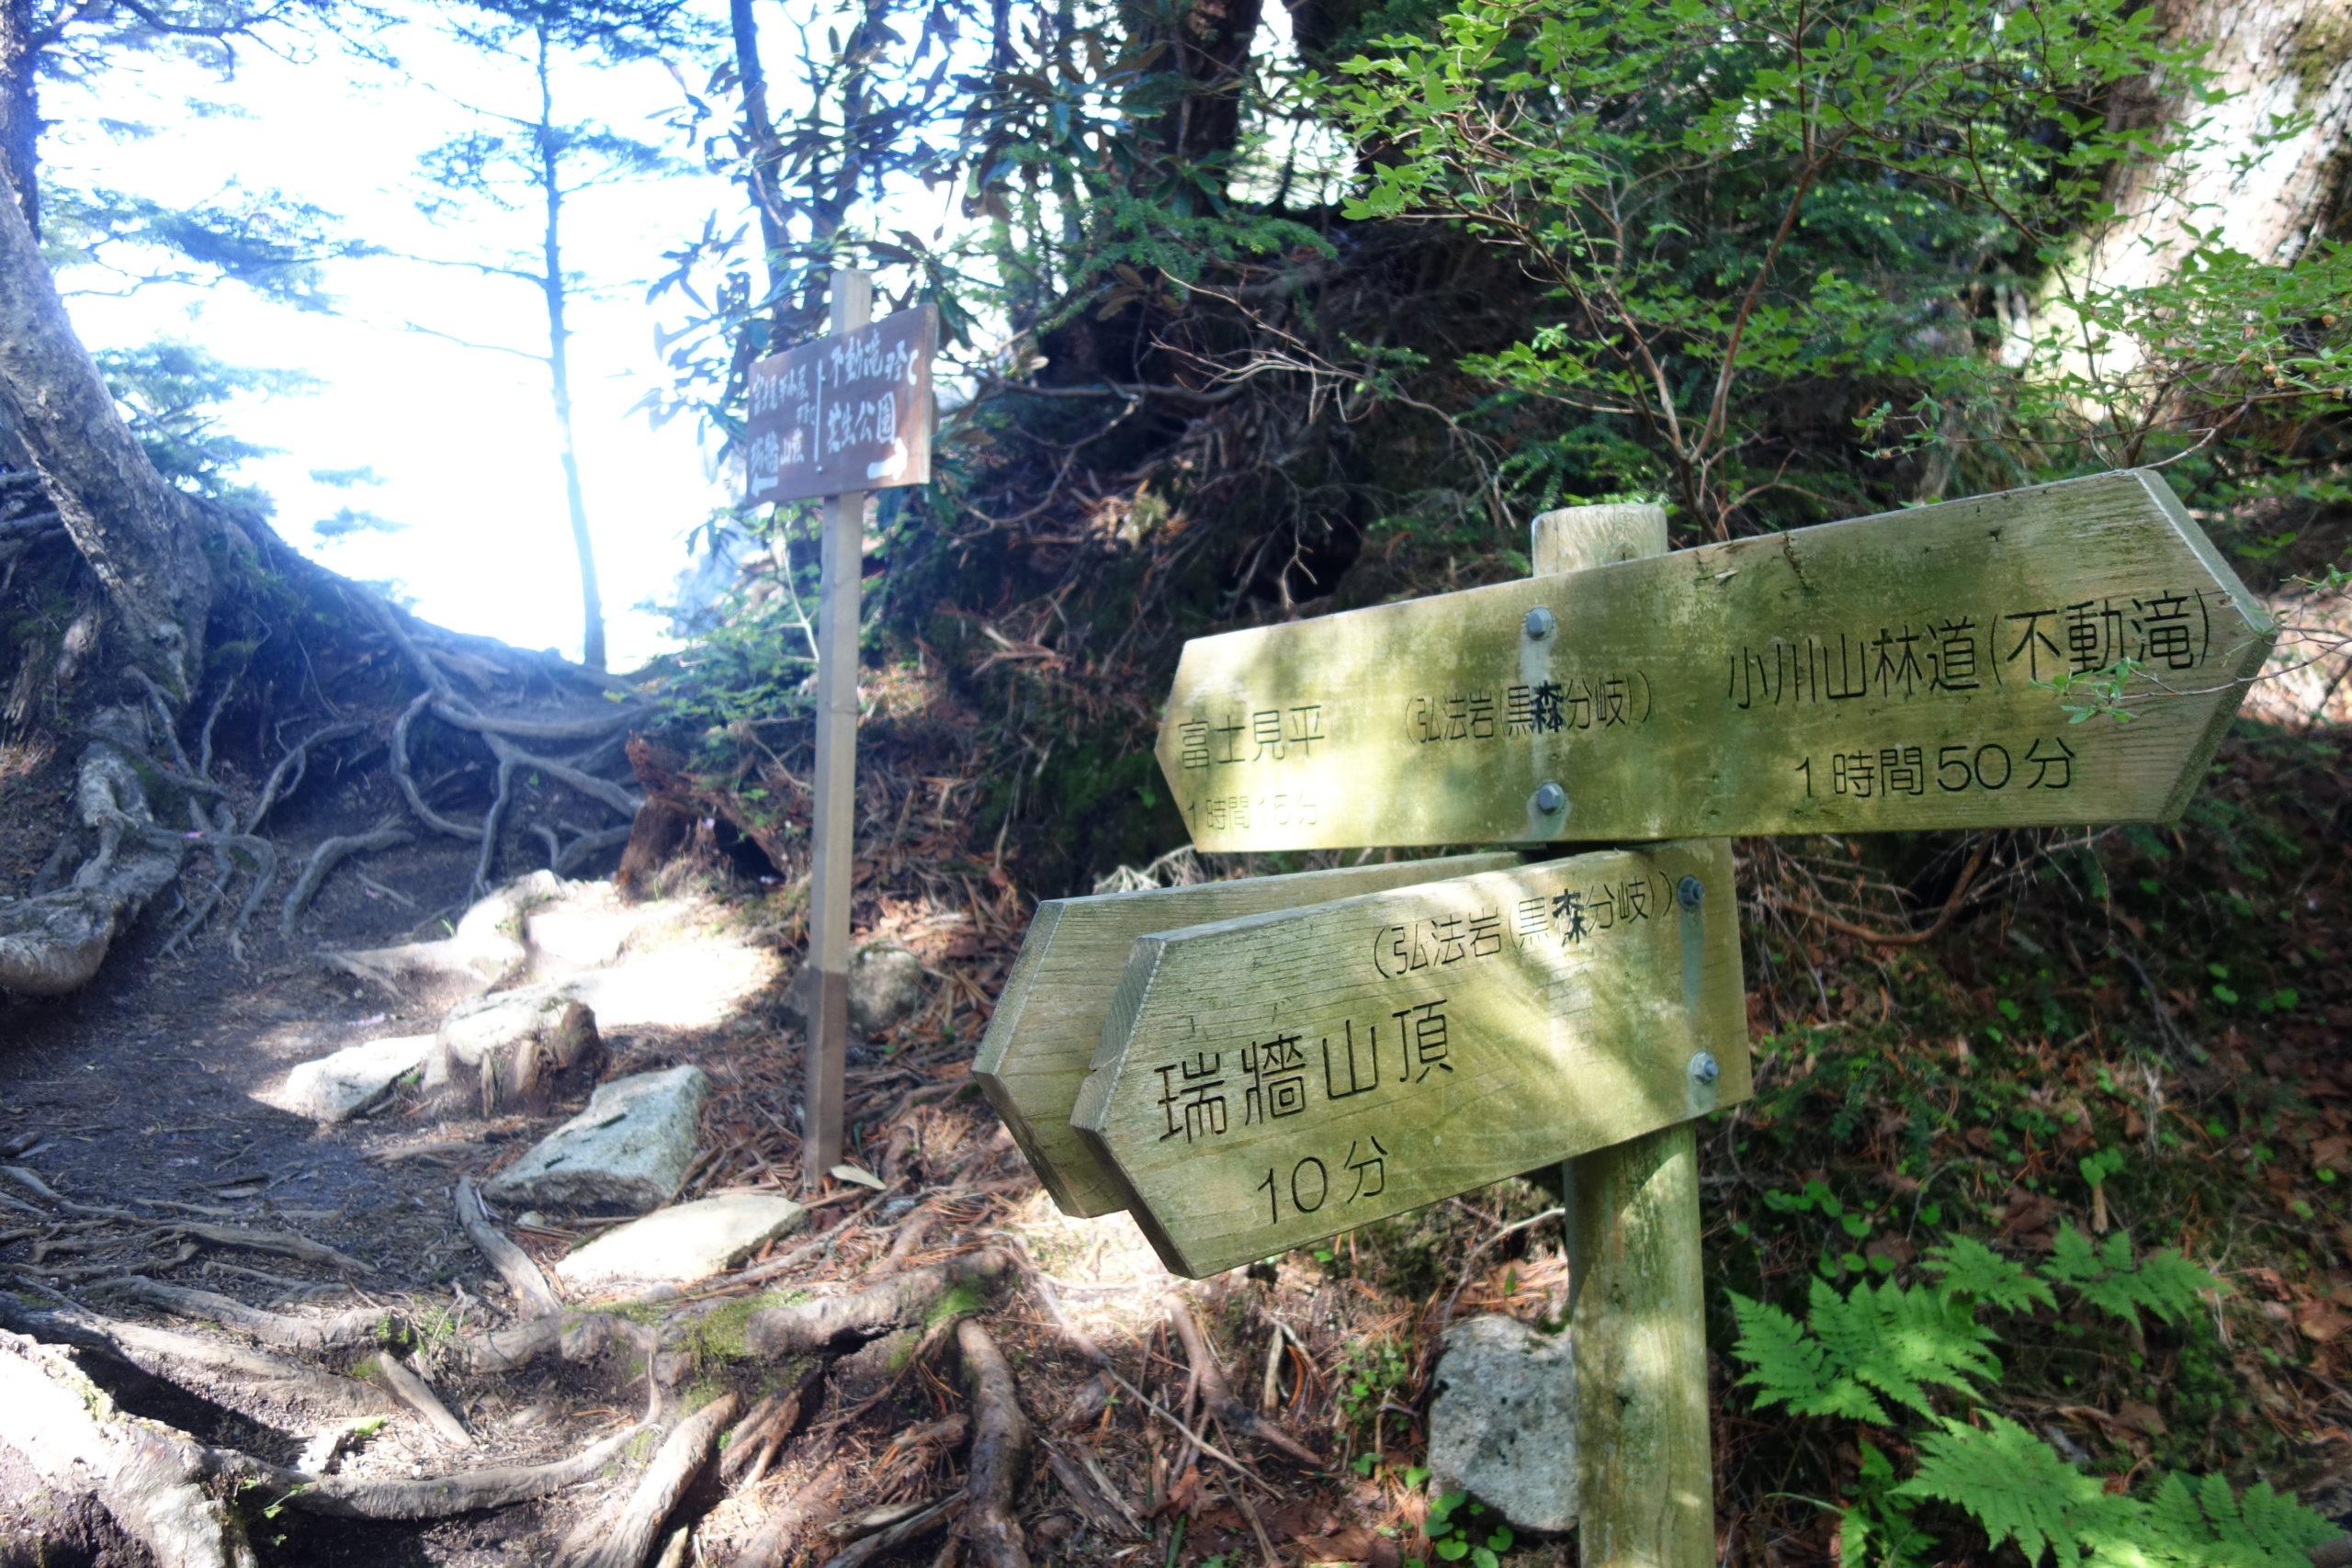 瑞牆山 みずがき山自然公園キャンプ場〜瑞牆山山頂